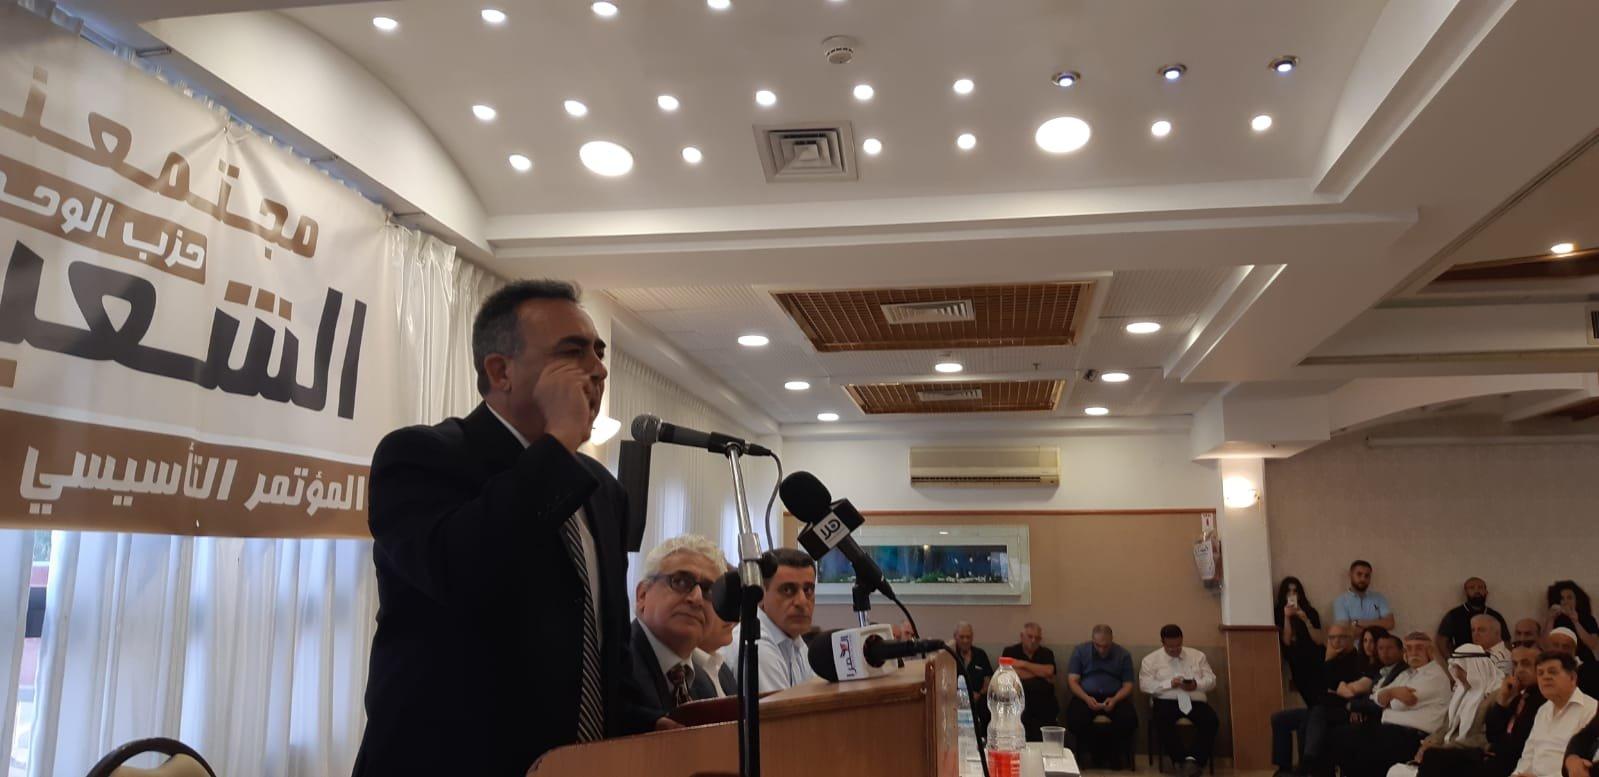 انطلاق المؤتمر التأسيسي الأول لحزب الوحدة الشعبية في شفاعمرو